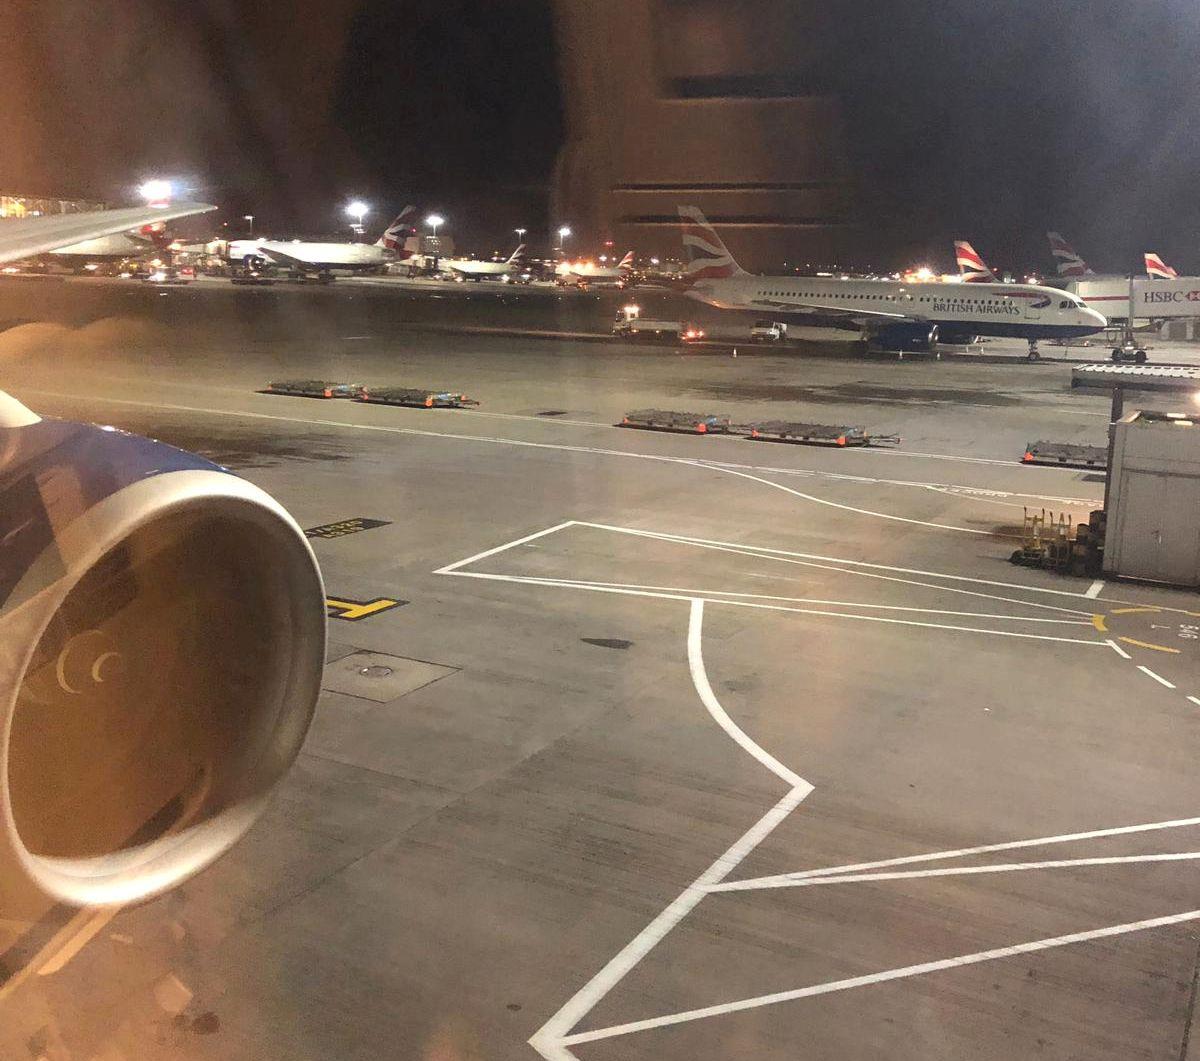 PÅ BAKKEN: Dette flyet måtte vente på bakken tirsdag, etter at det hadde blitt observert en drone på Heathrow flyplass.